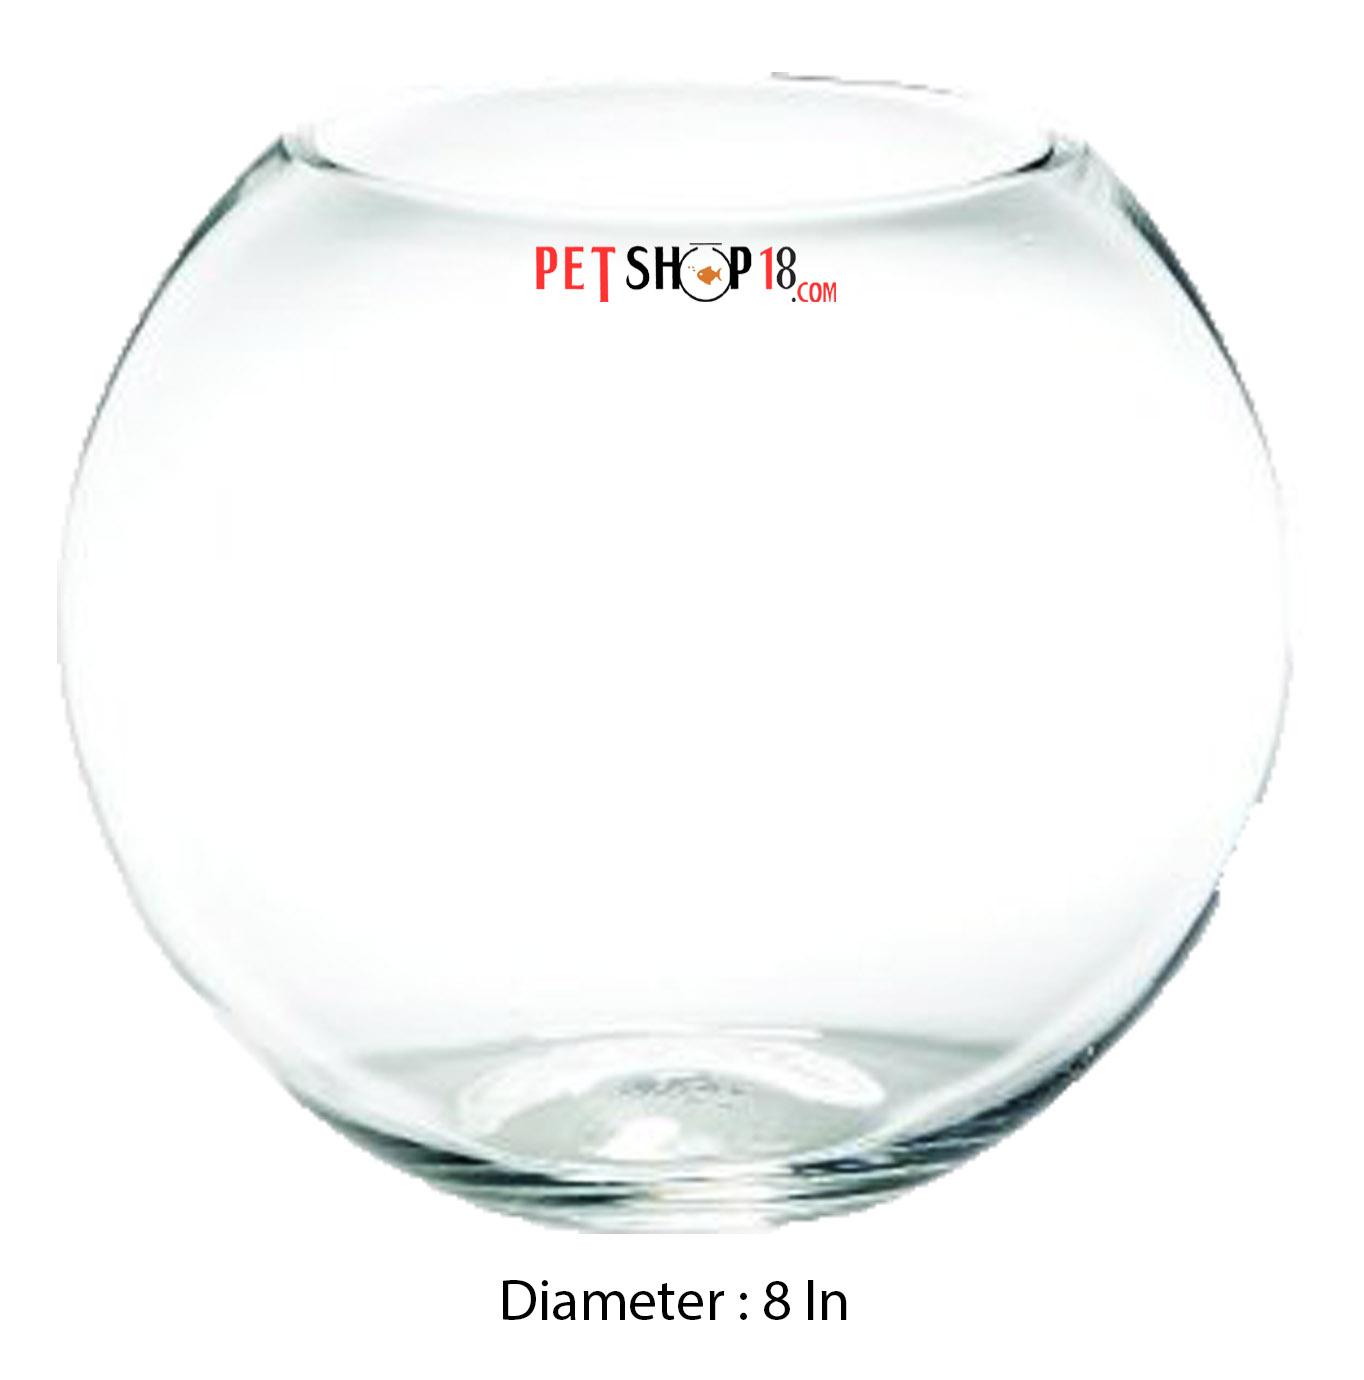 Fish aquarium in karnal - Glass Fish Bowl 8 In